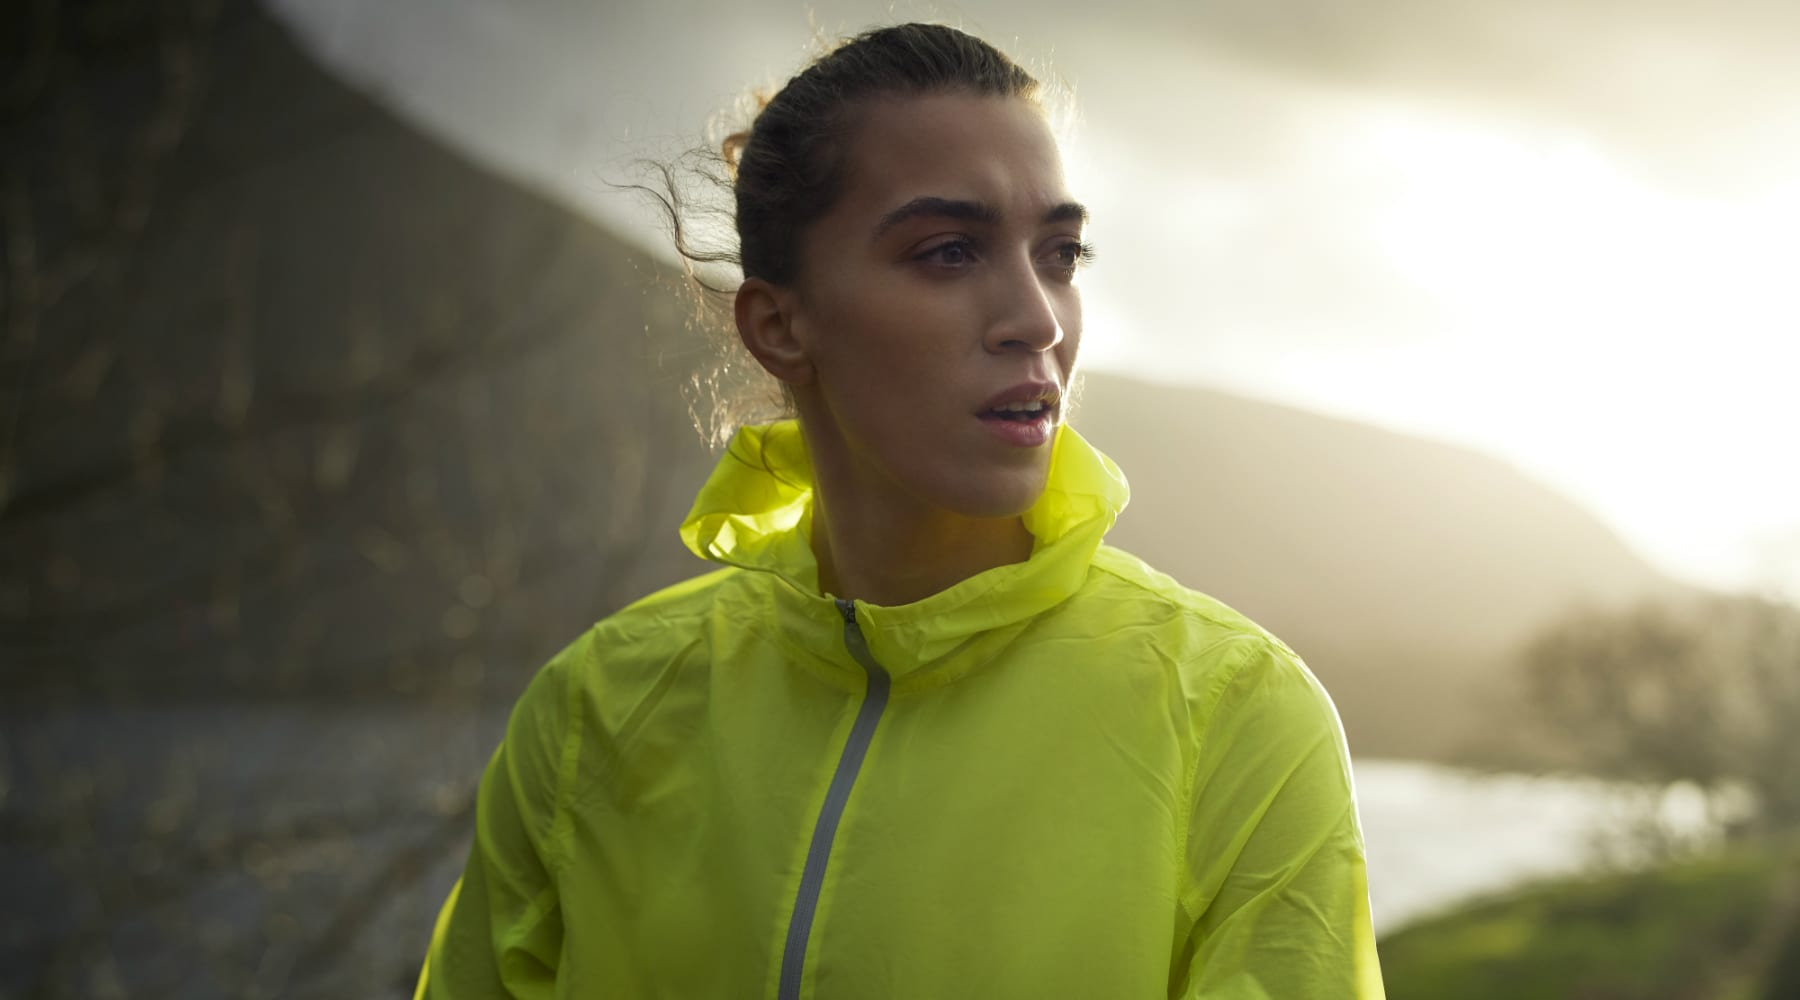 Miglioramento delle Performance Sportive | Raggiungi Il Tuo Obiettivo